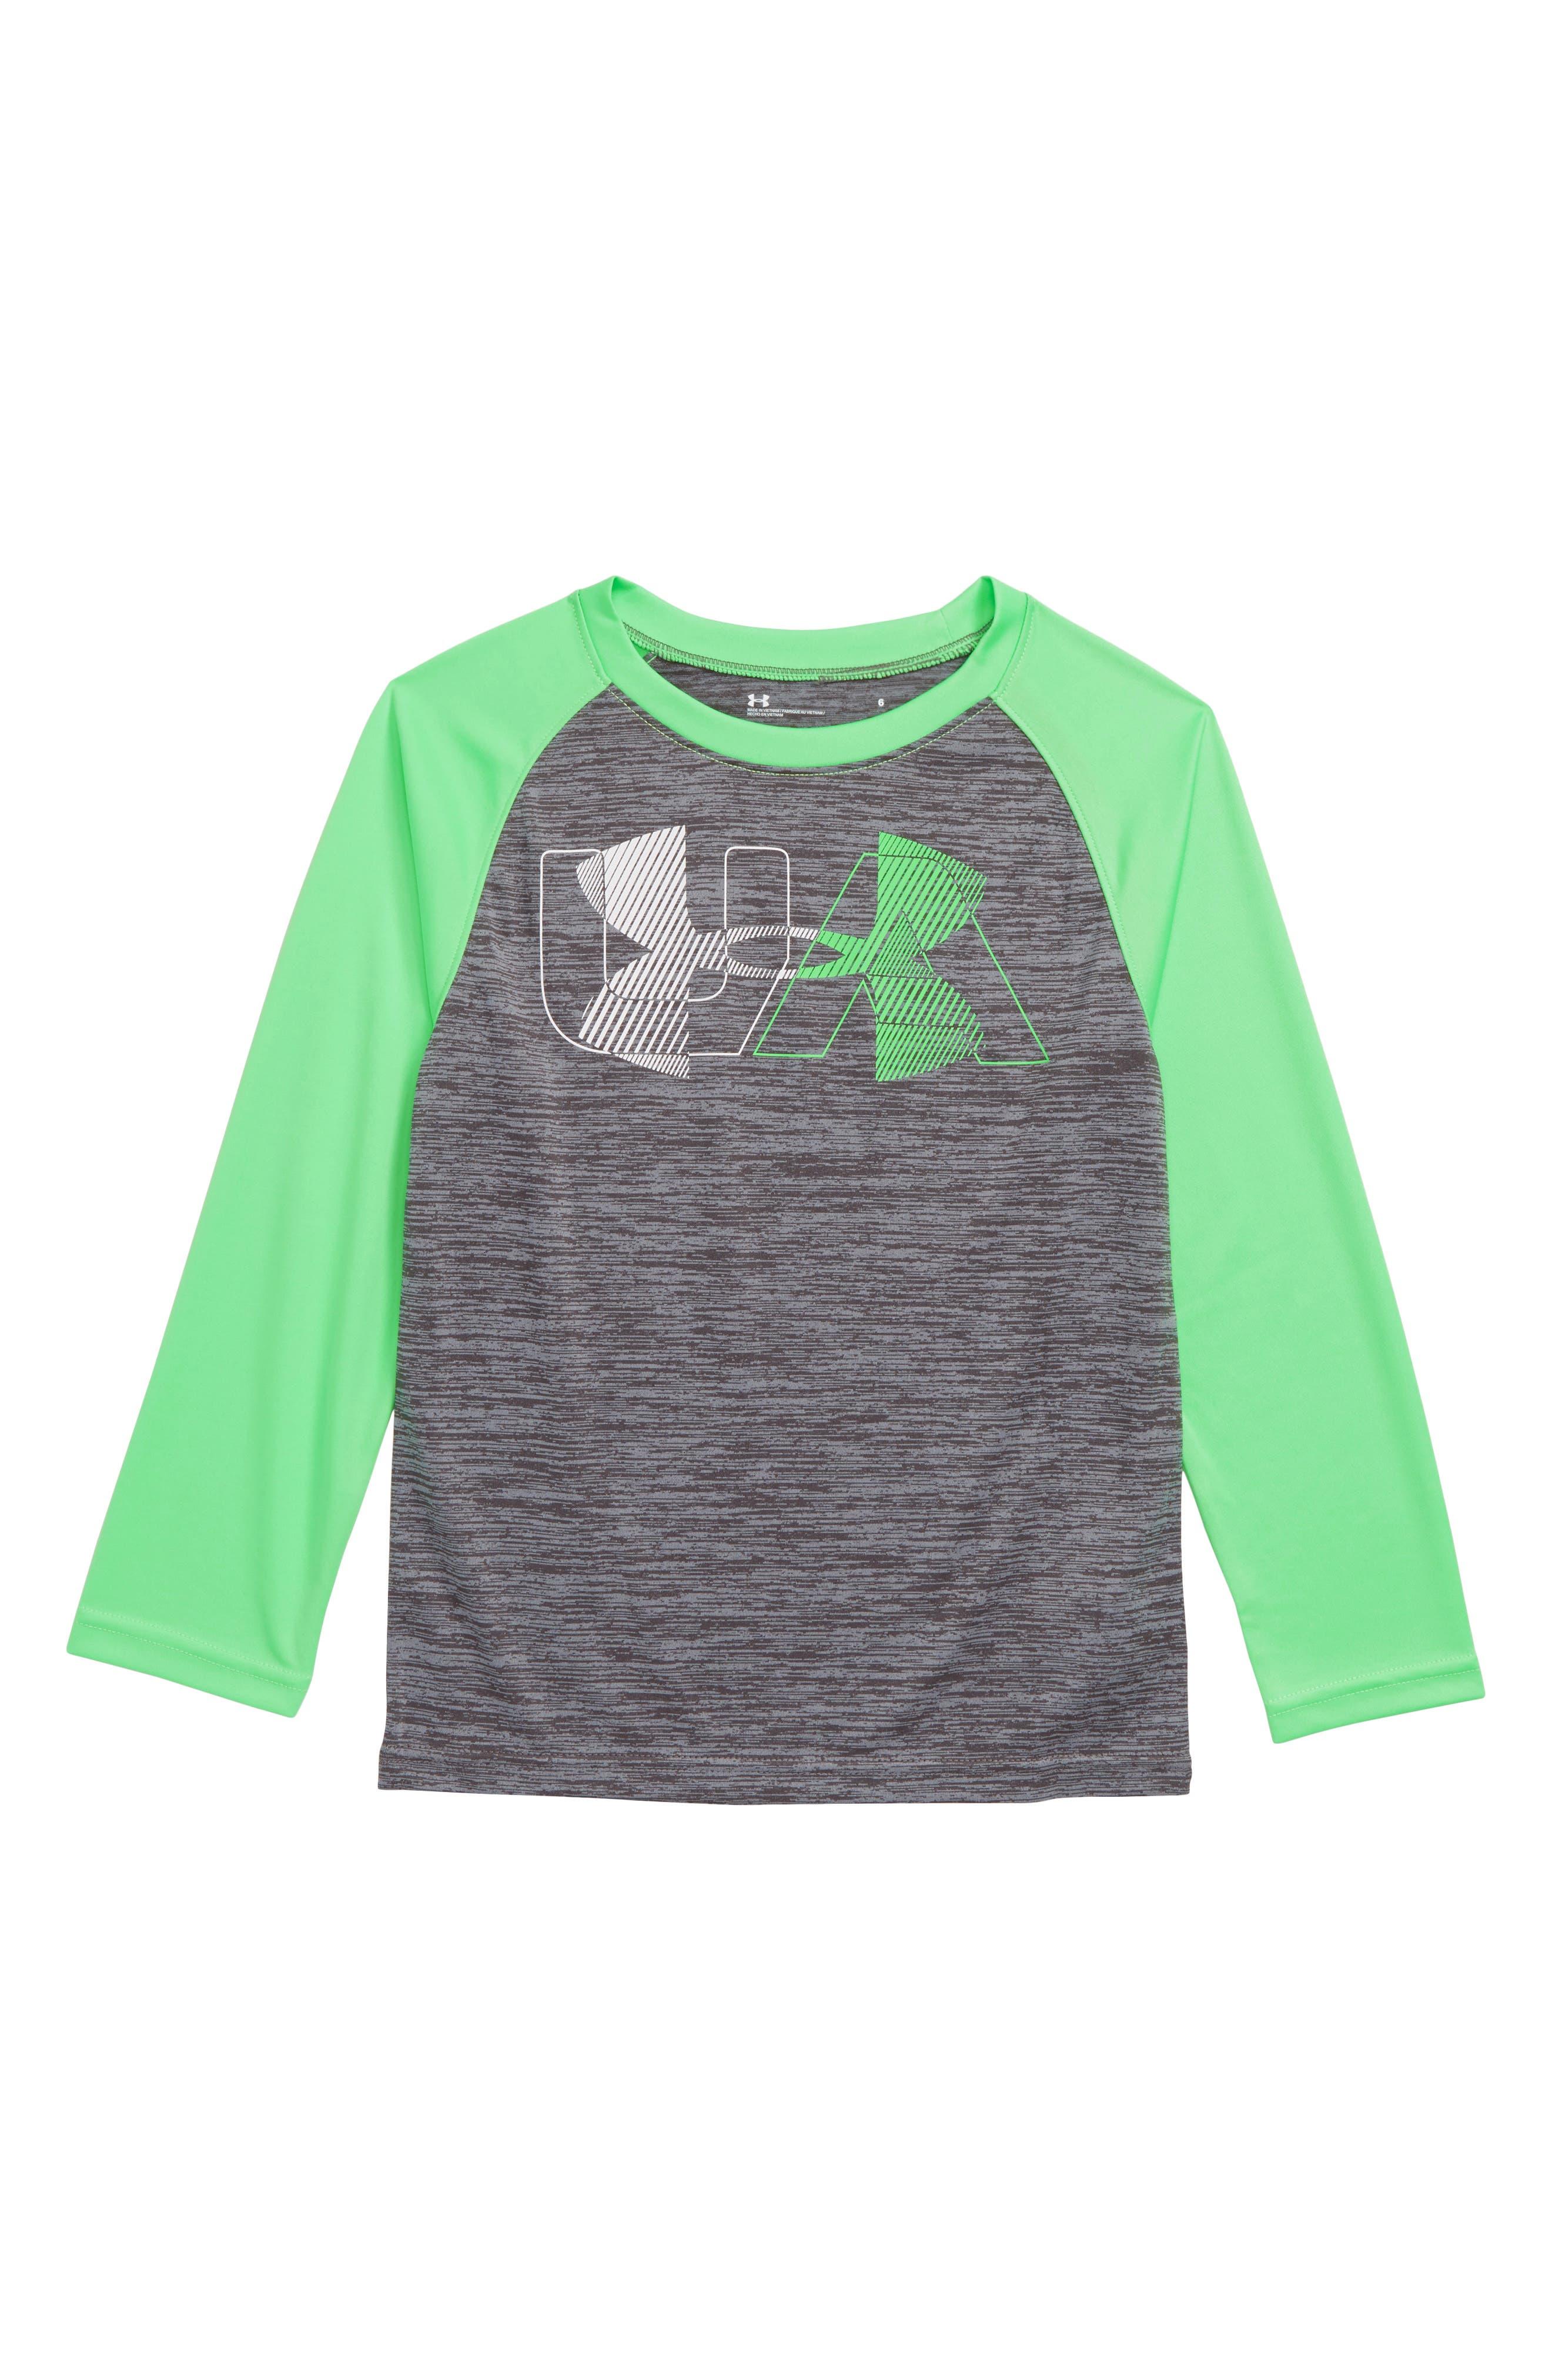 Boys Under Armour Linear Logo Twist Raglan Shirt